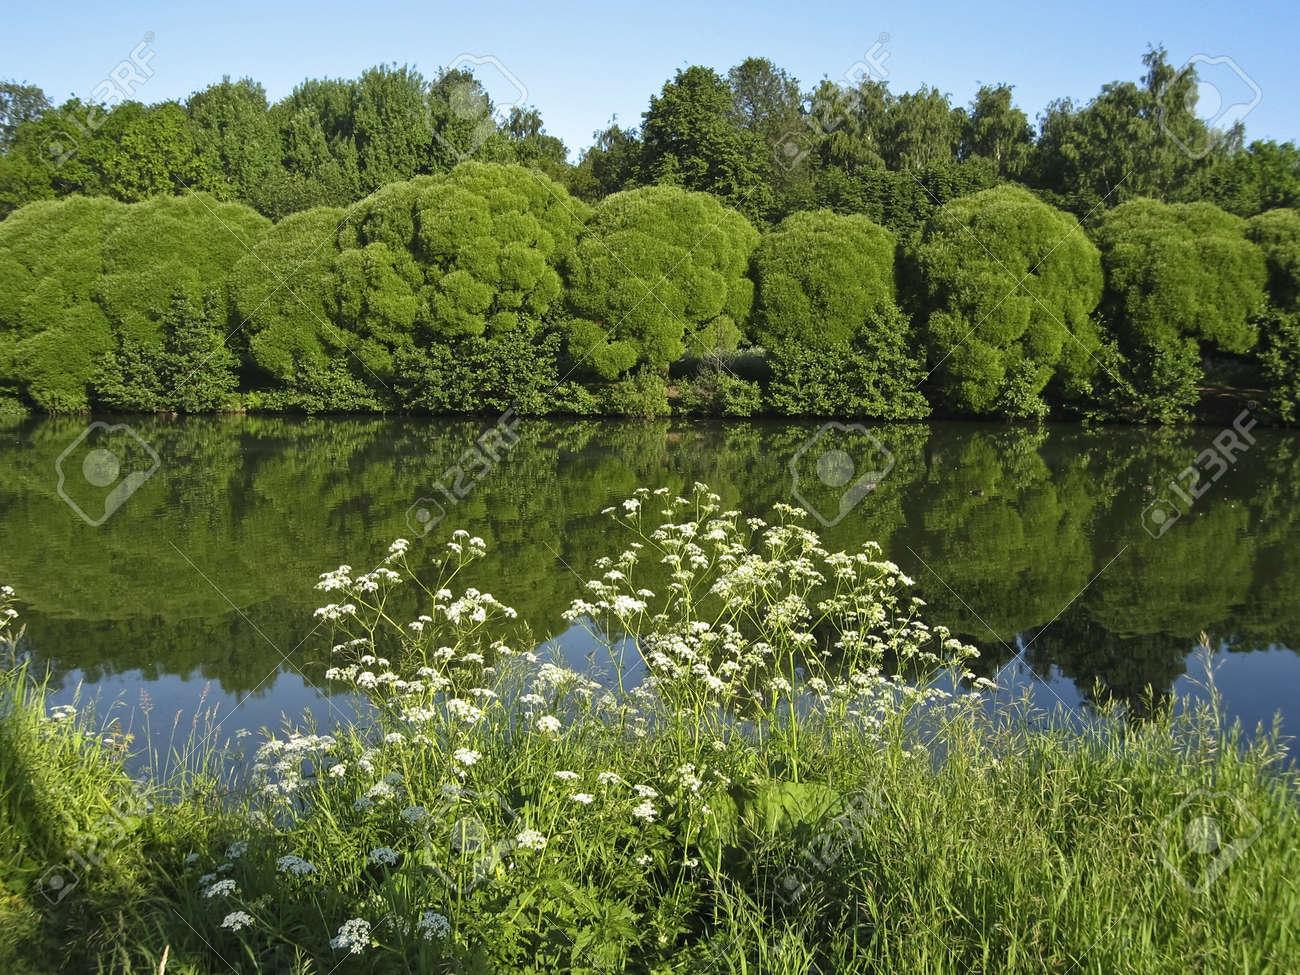 Sommerlandschaft Mit See Weiden Und Weisse Wilde Blumen Auf Banken